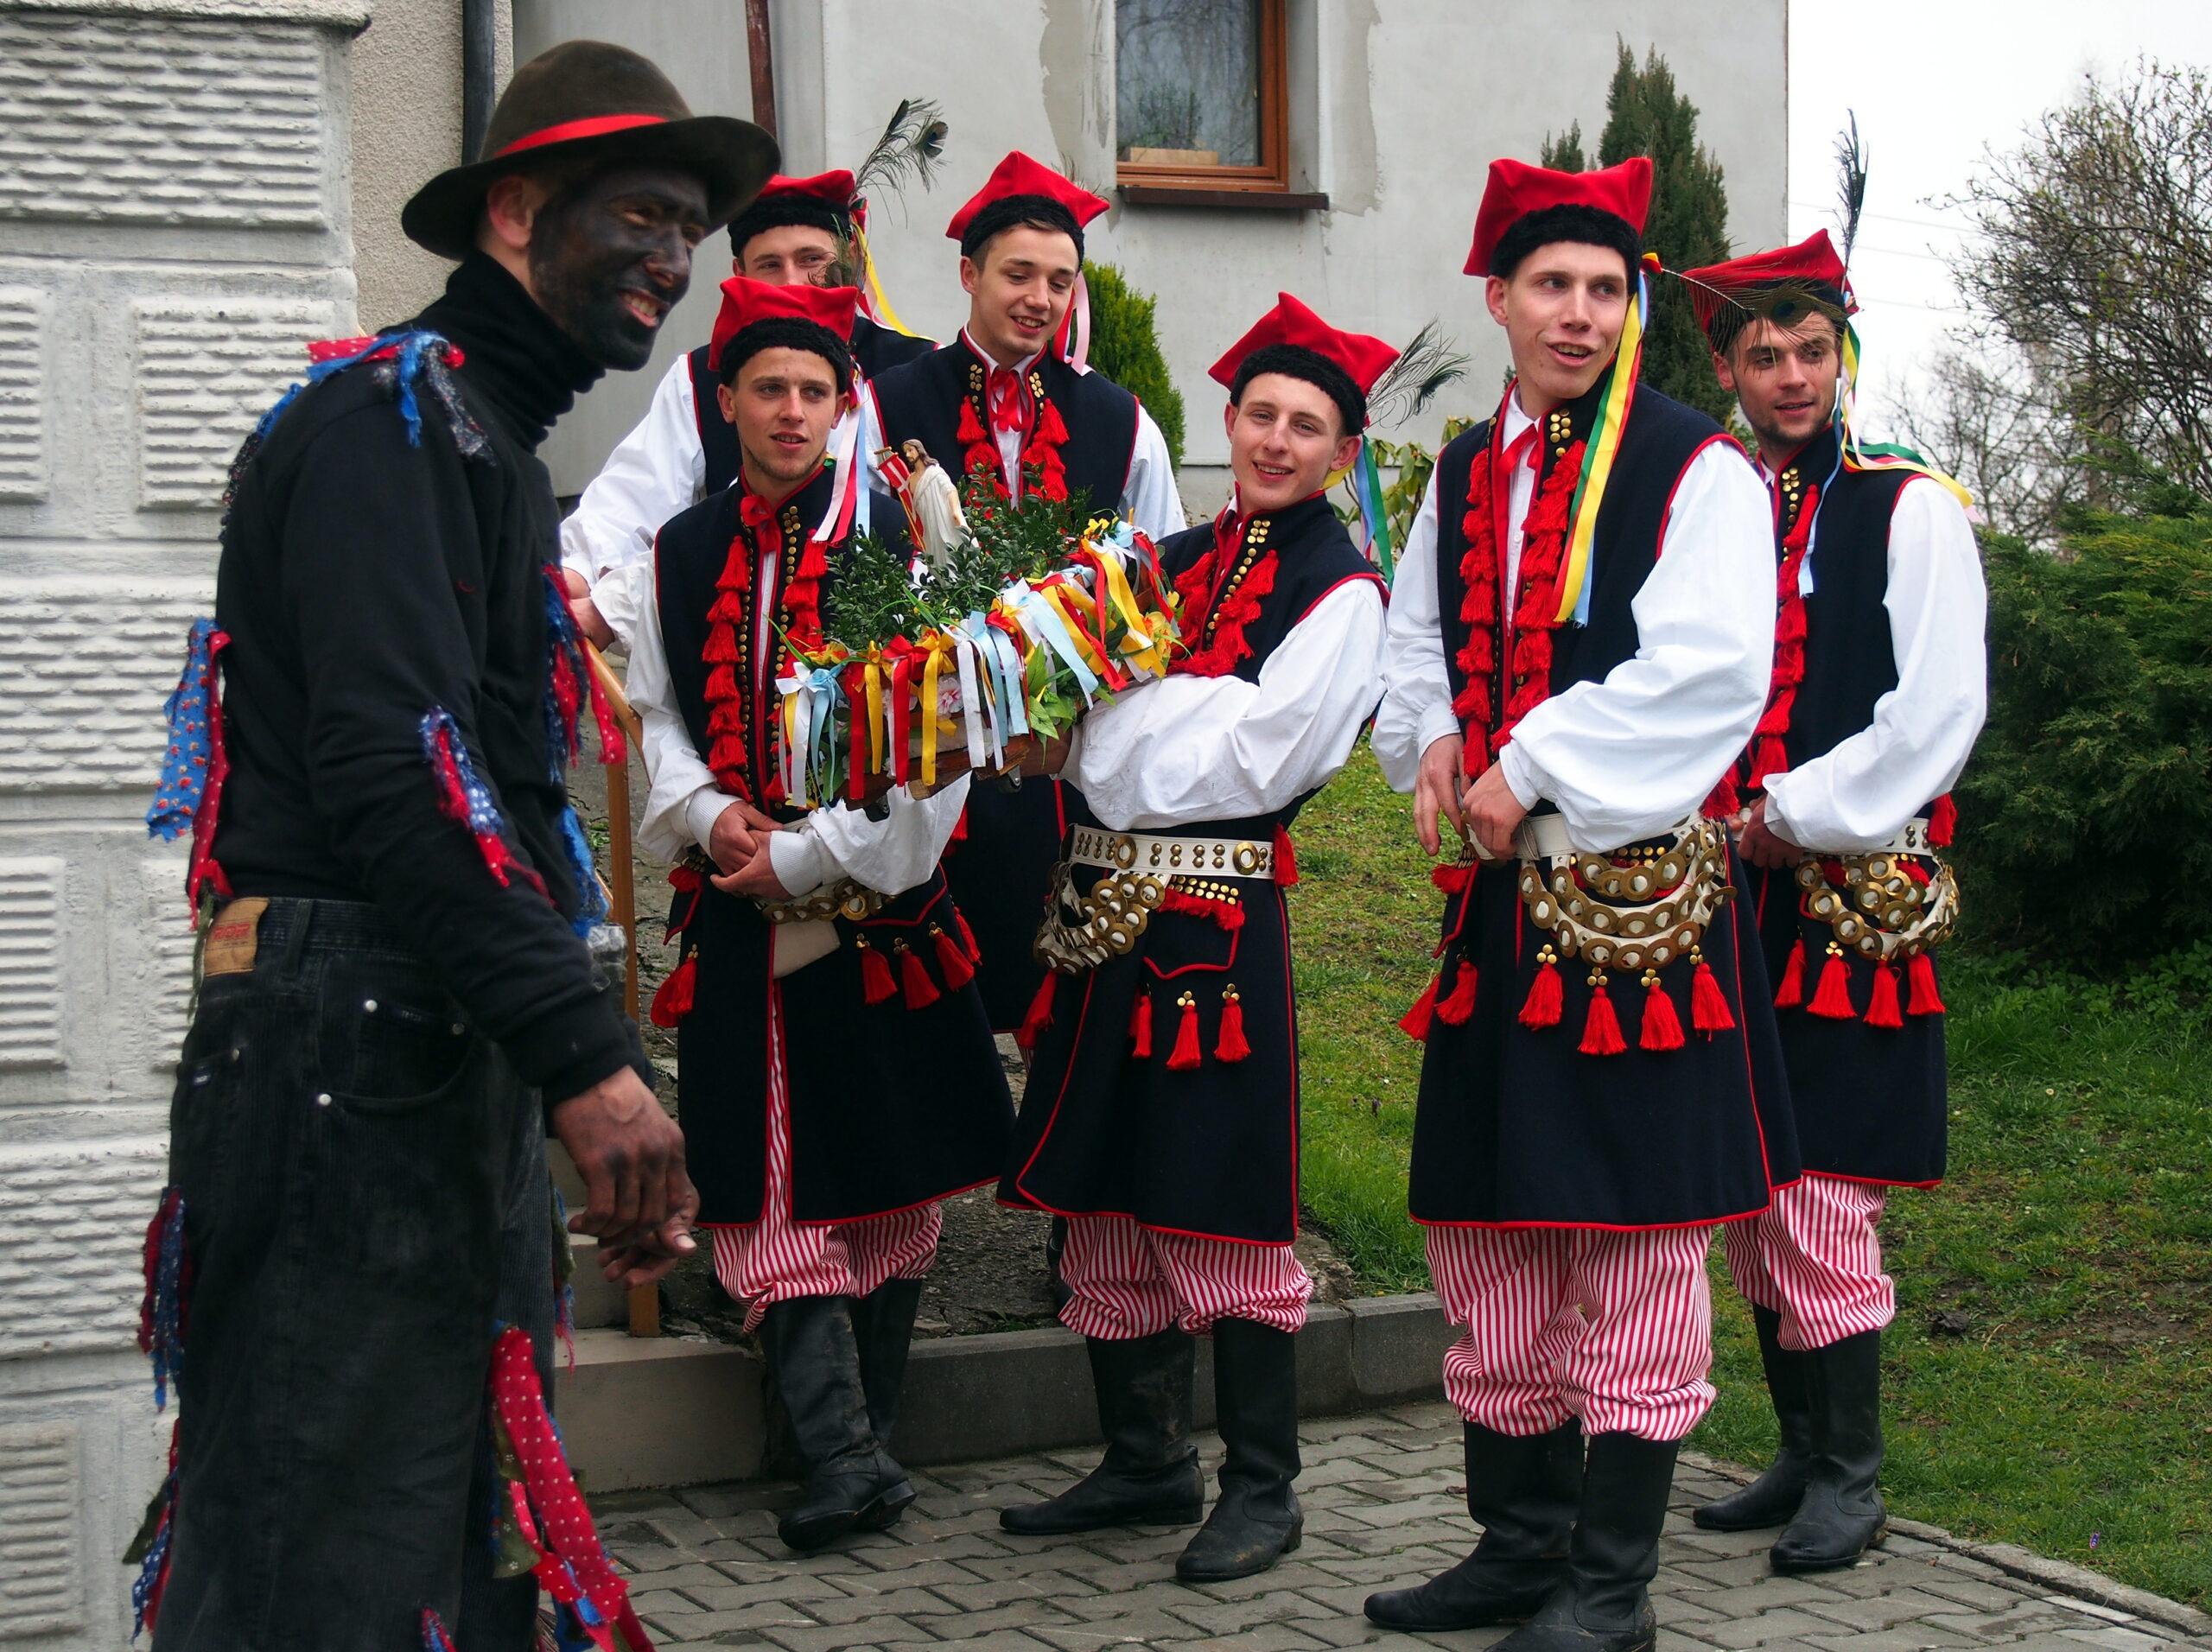 Uczestnicy obrzędu Siuda Baba przd domem. Sześciu mężczyzn ubranych w regionaln stroje krakowskie, jeden z usmoloną twarzą jako Siuda Baba.